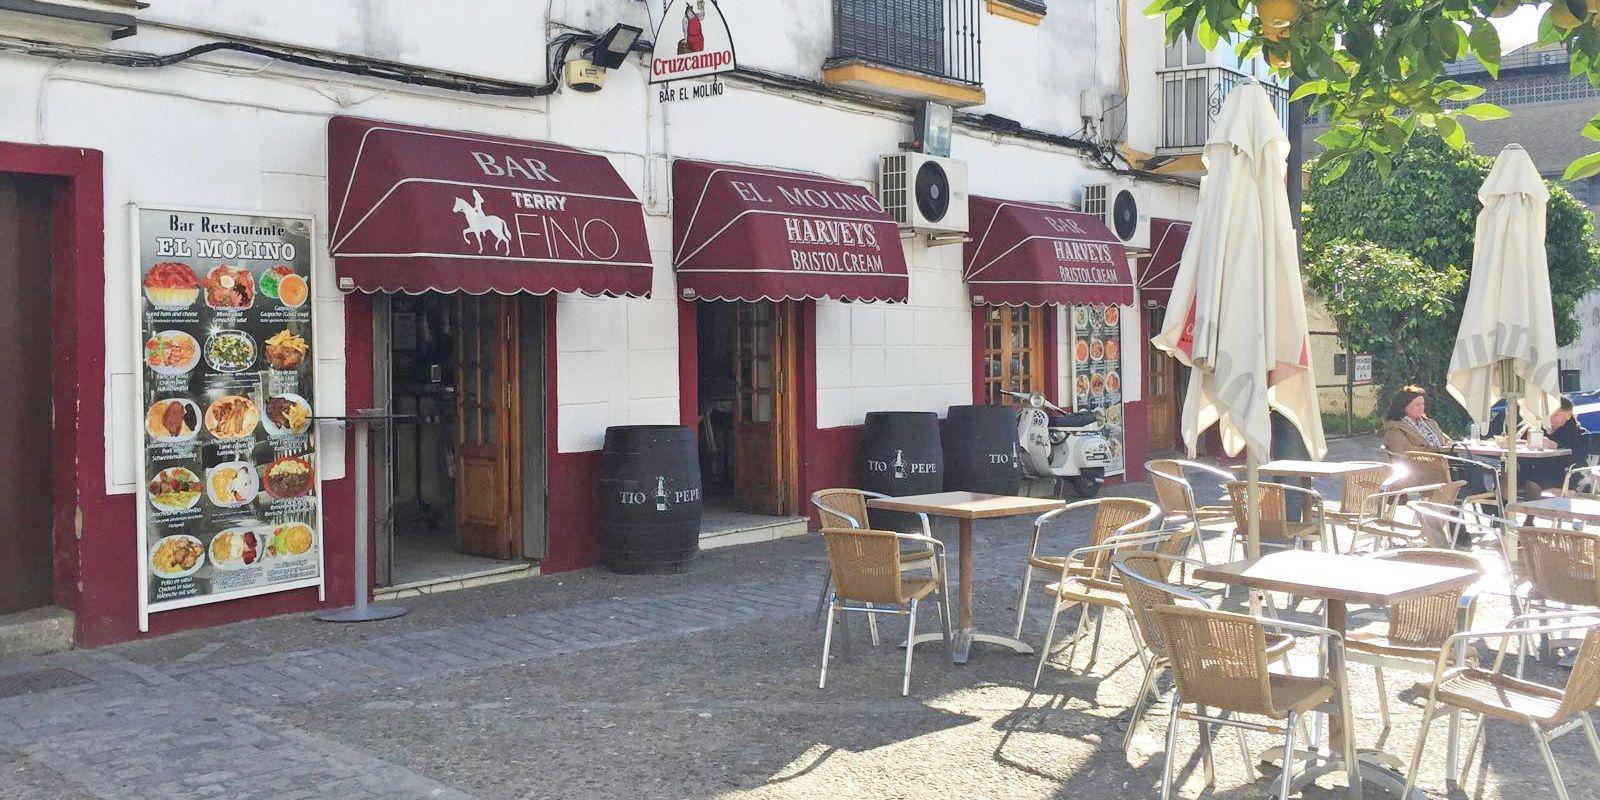 Bar Restaurante El Molino | Juan Carlos Corchado para MIRA Jerez